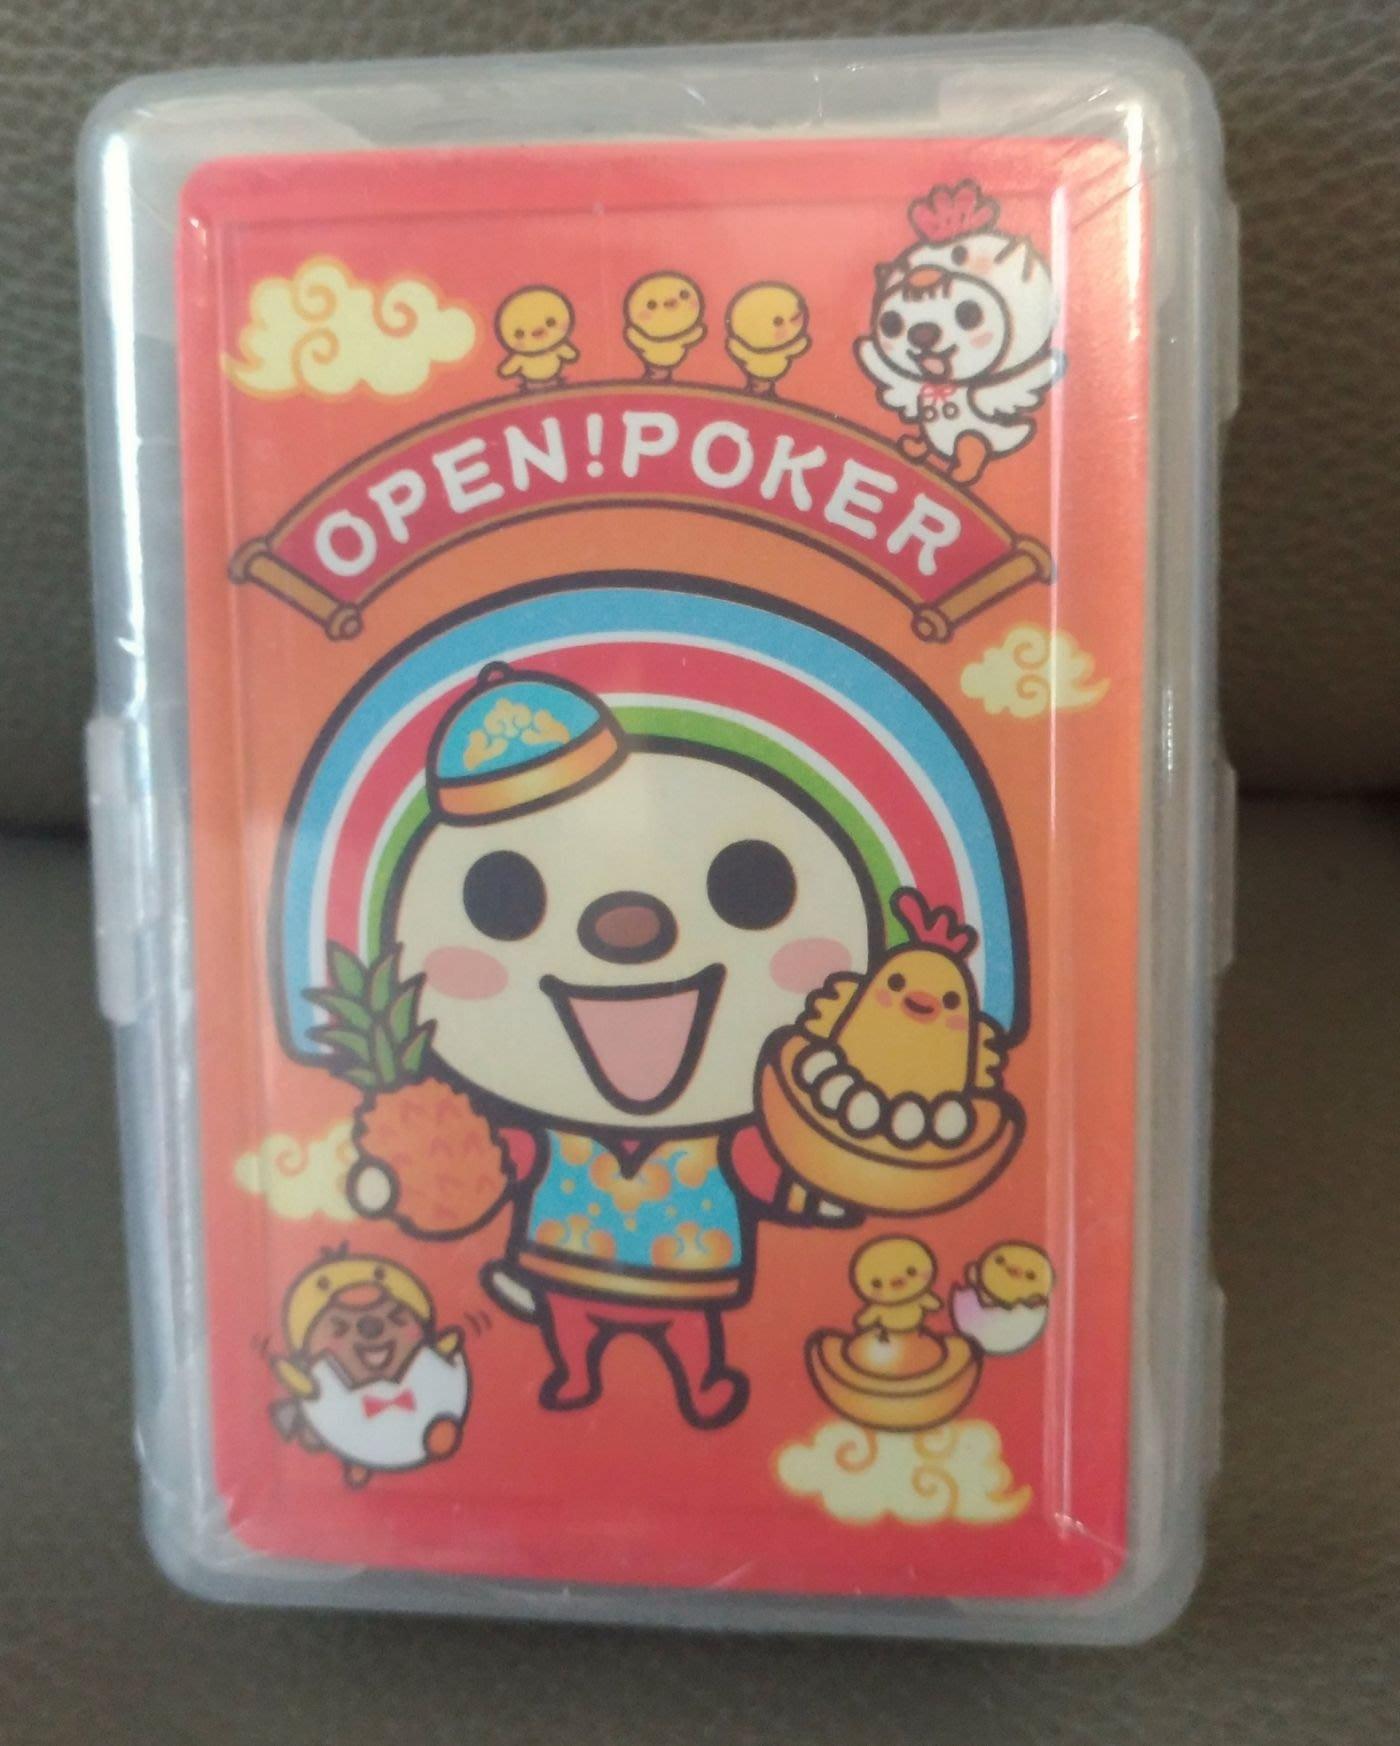 全新卡通撲克牌  OPEN!家族遊戲牌  三麗鷗家組撲克牌  正版授權遊戲撲克牌  一款35元